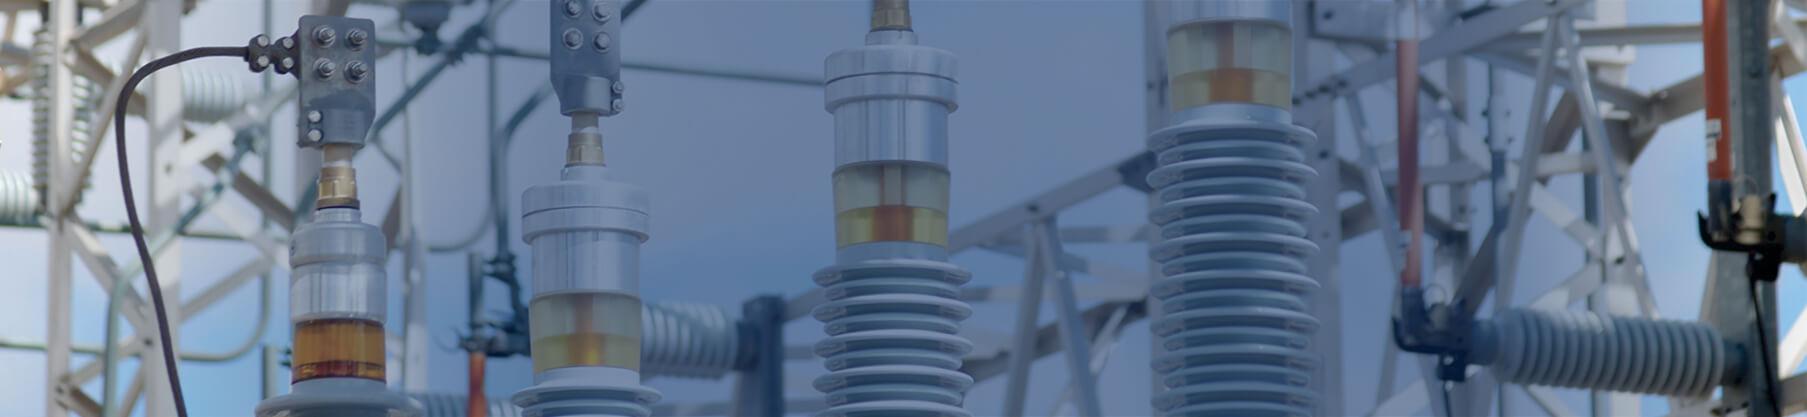 Allied Telesis permite controlul în timp real al rețelelor pentru distribuitorii mari de energie electrică